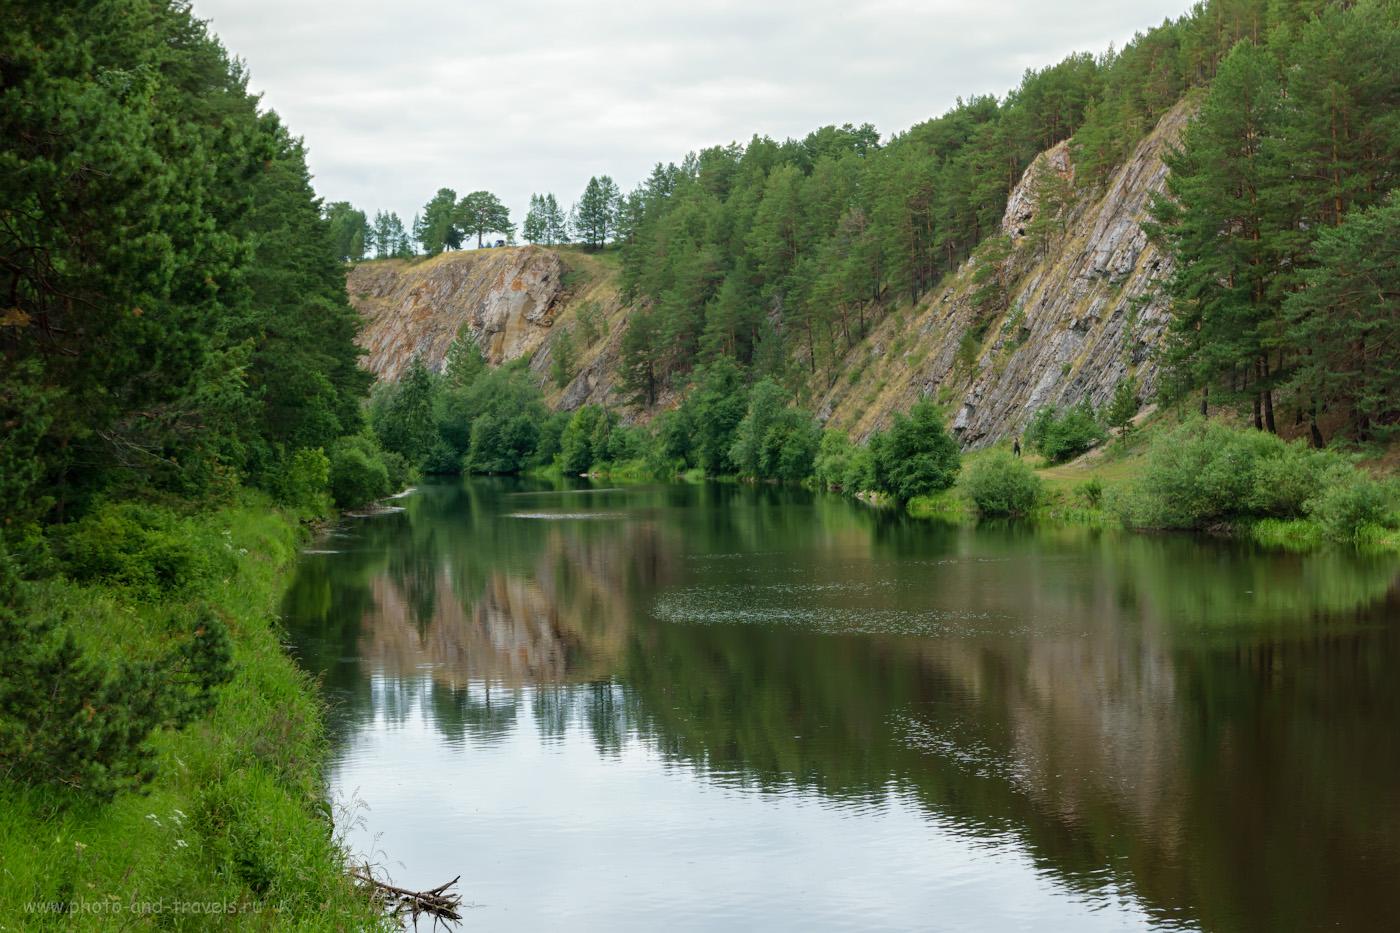 11. Вид с Моста желаний через реку Реж на Мантуров камень. 1/125, 9.0, 160, -0.7, 50.